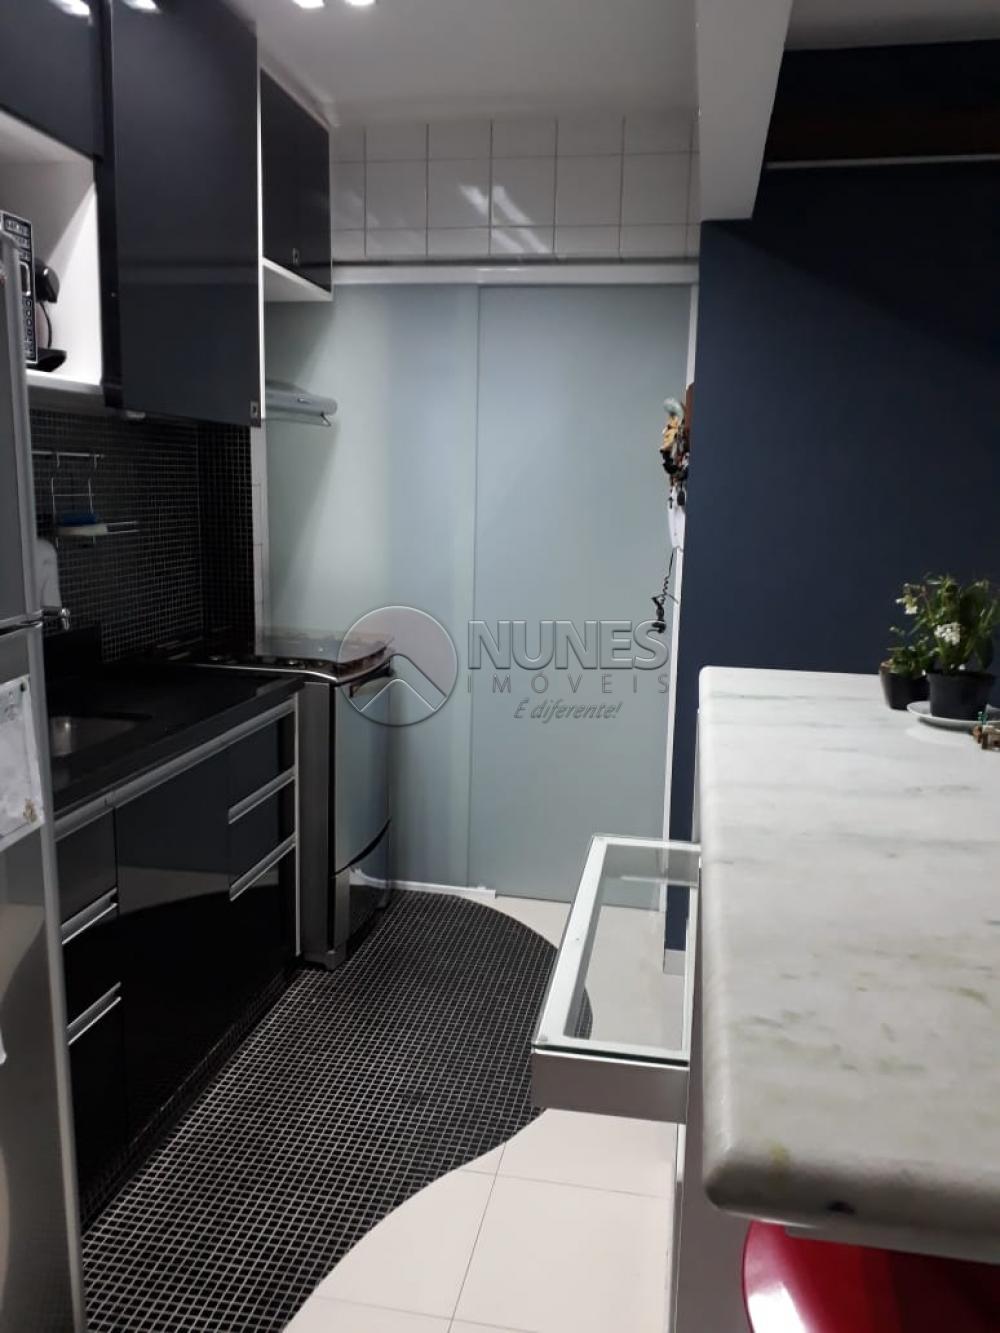 Comprar Apartamento / Padrão em São Paulo apenas R$ 550.000,00 - Foto 2